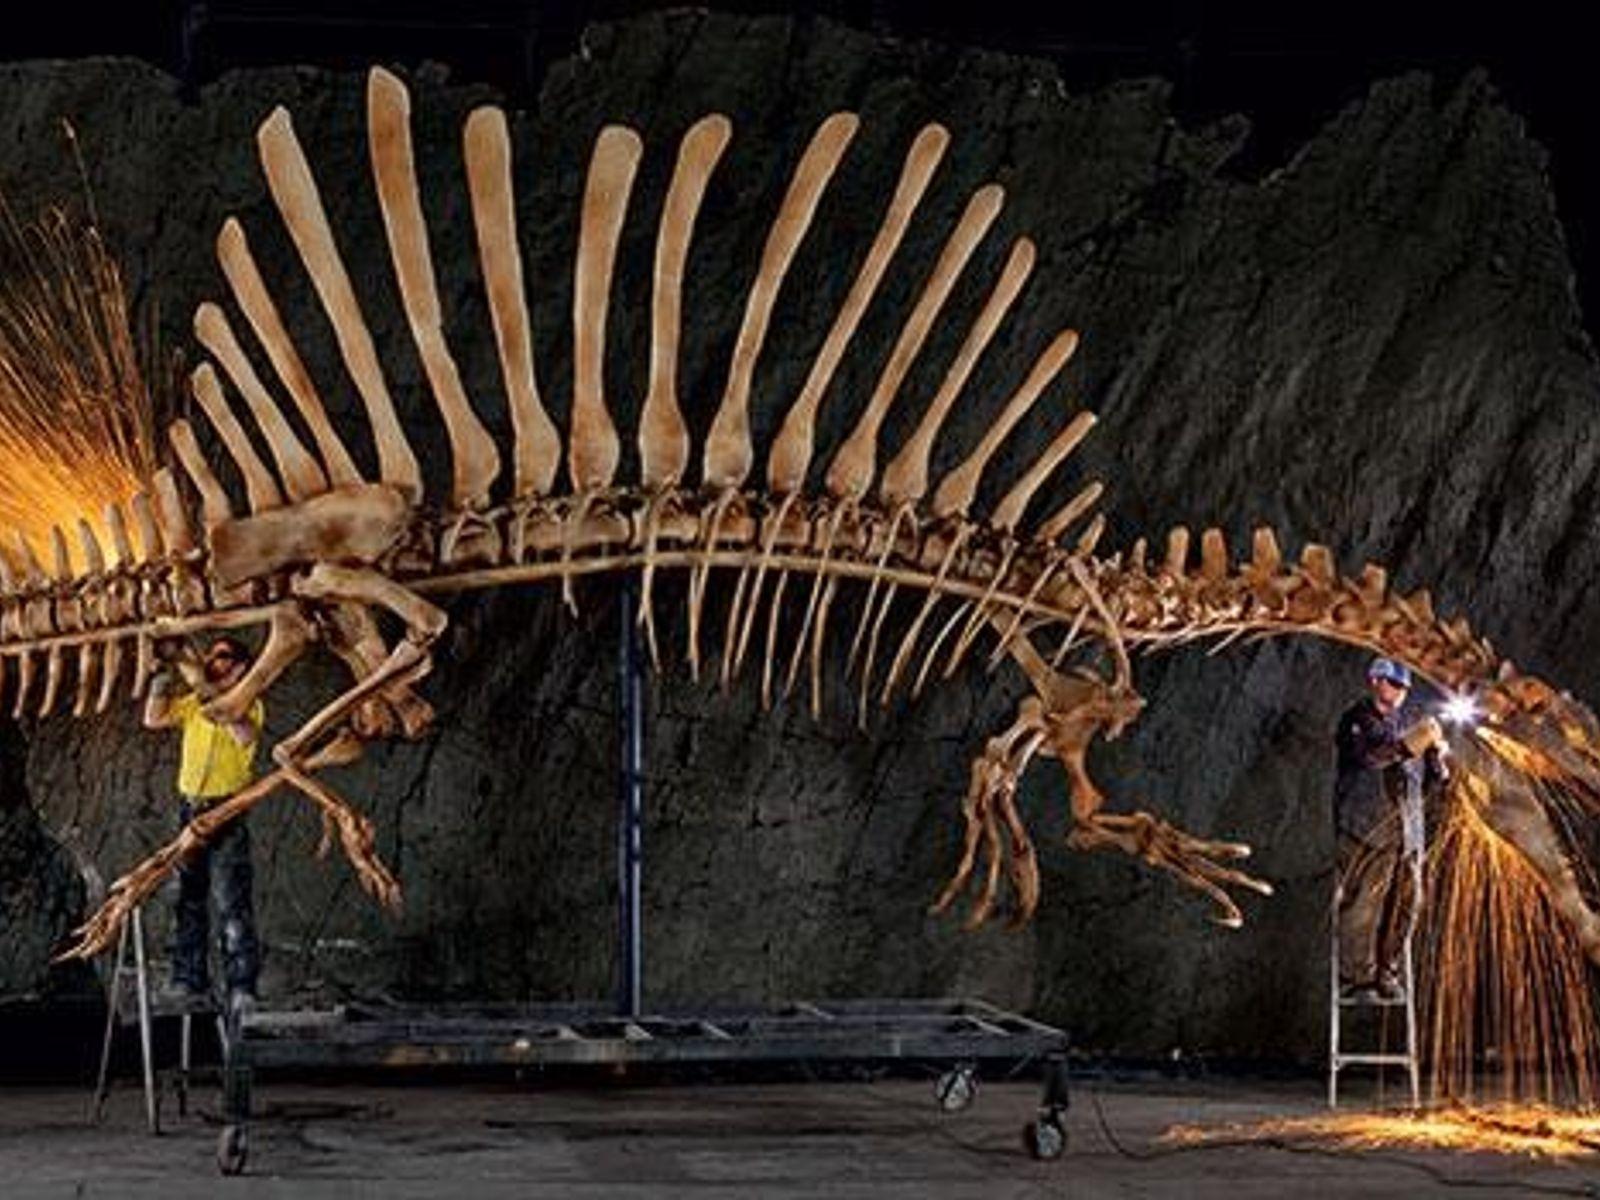 Funken sprühen bei letzten Schleifarbeiten am lebensgroßen Spinosaurus-Skelett.